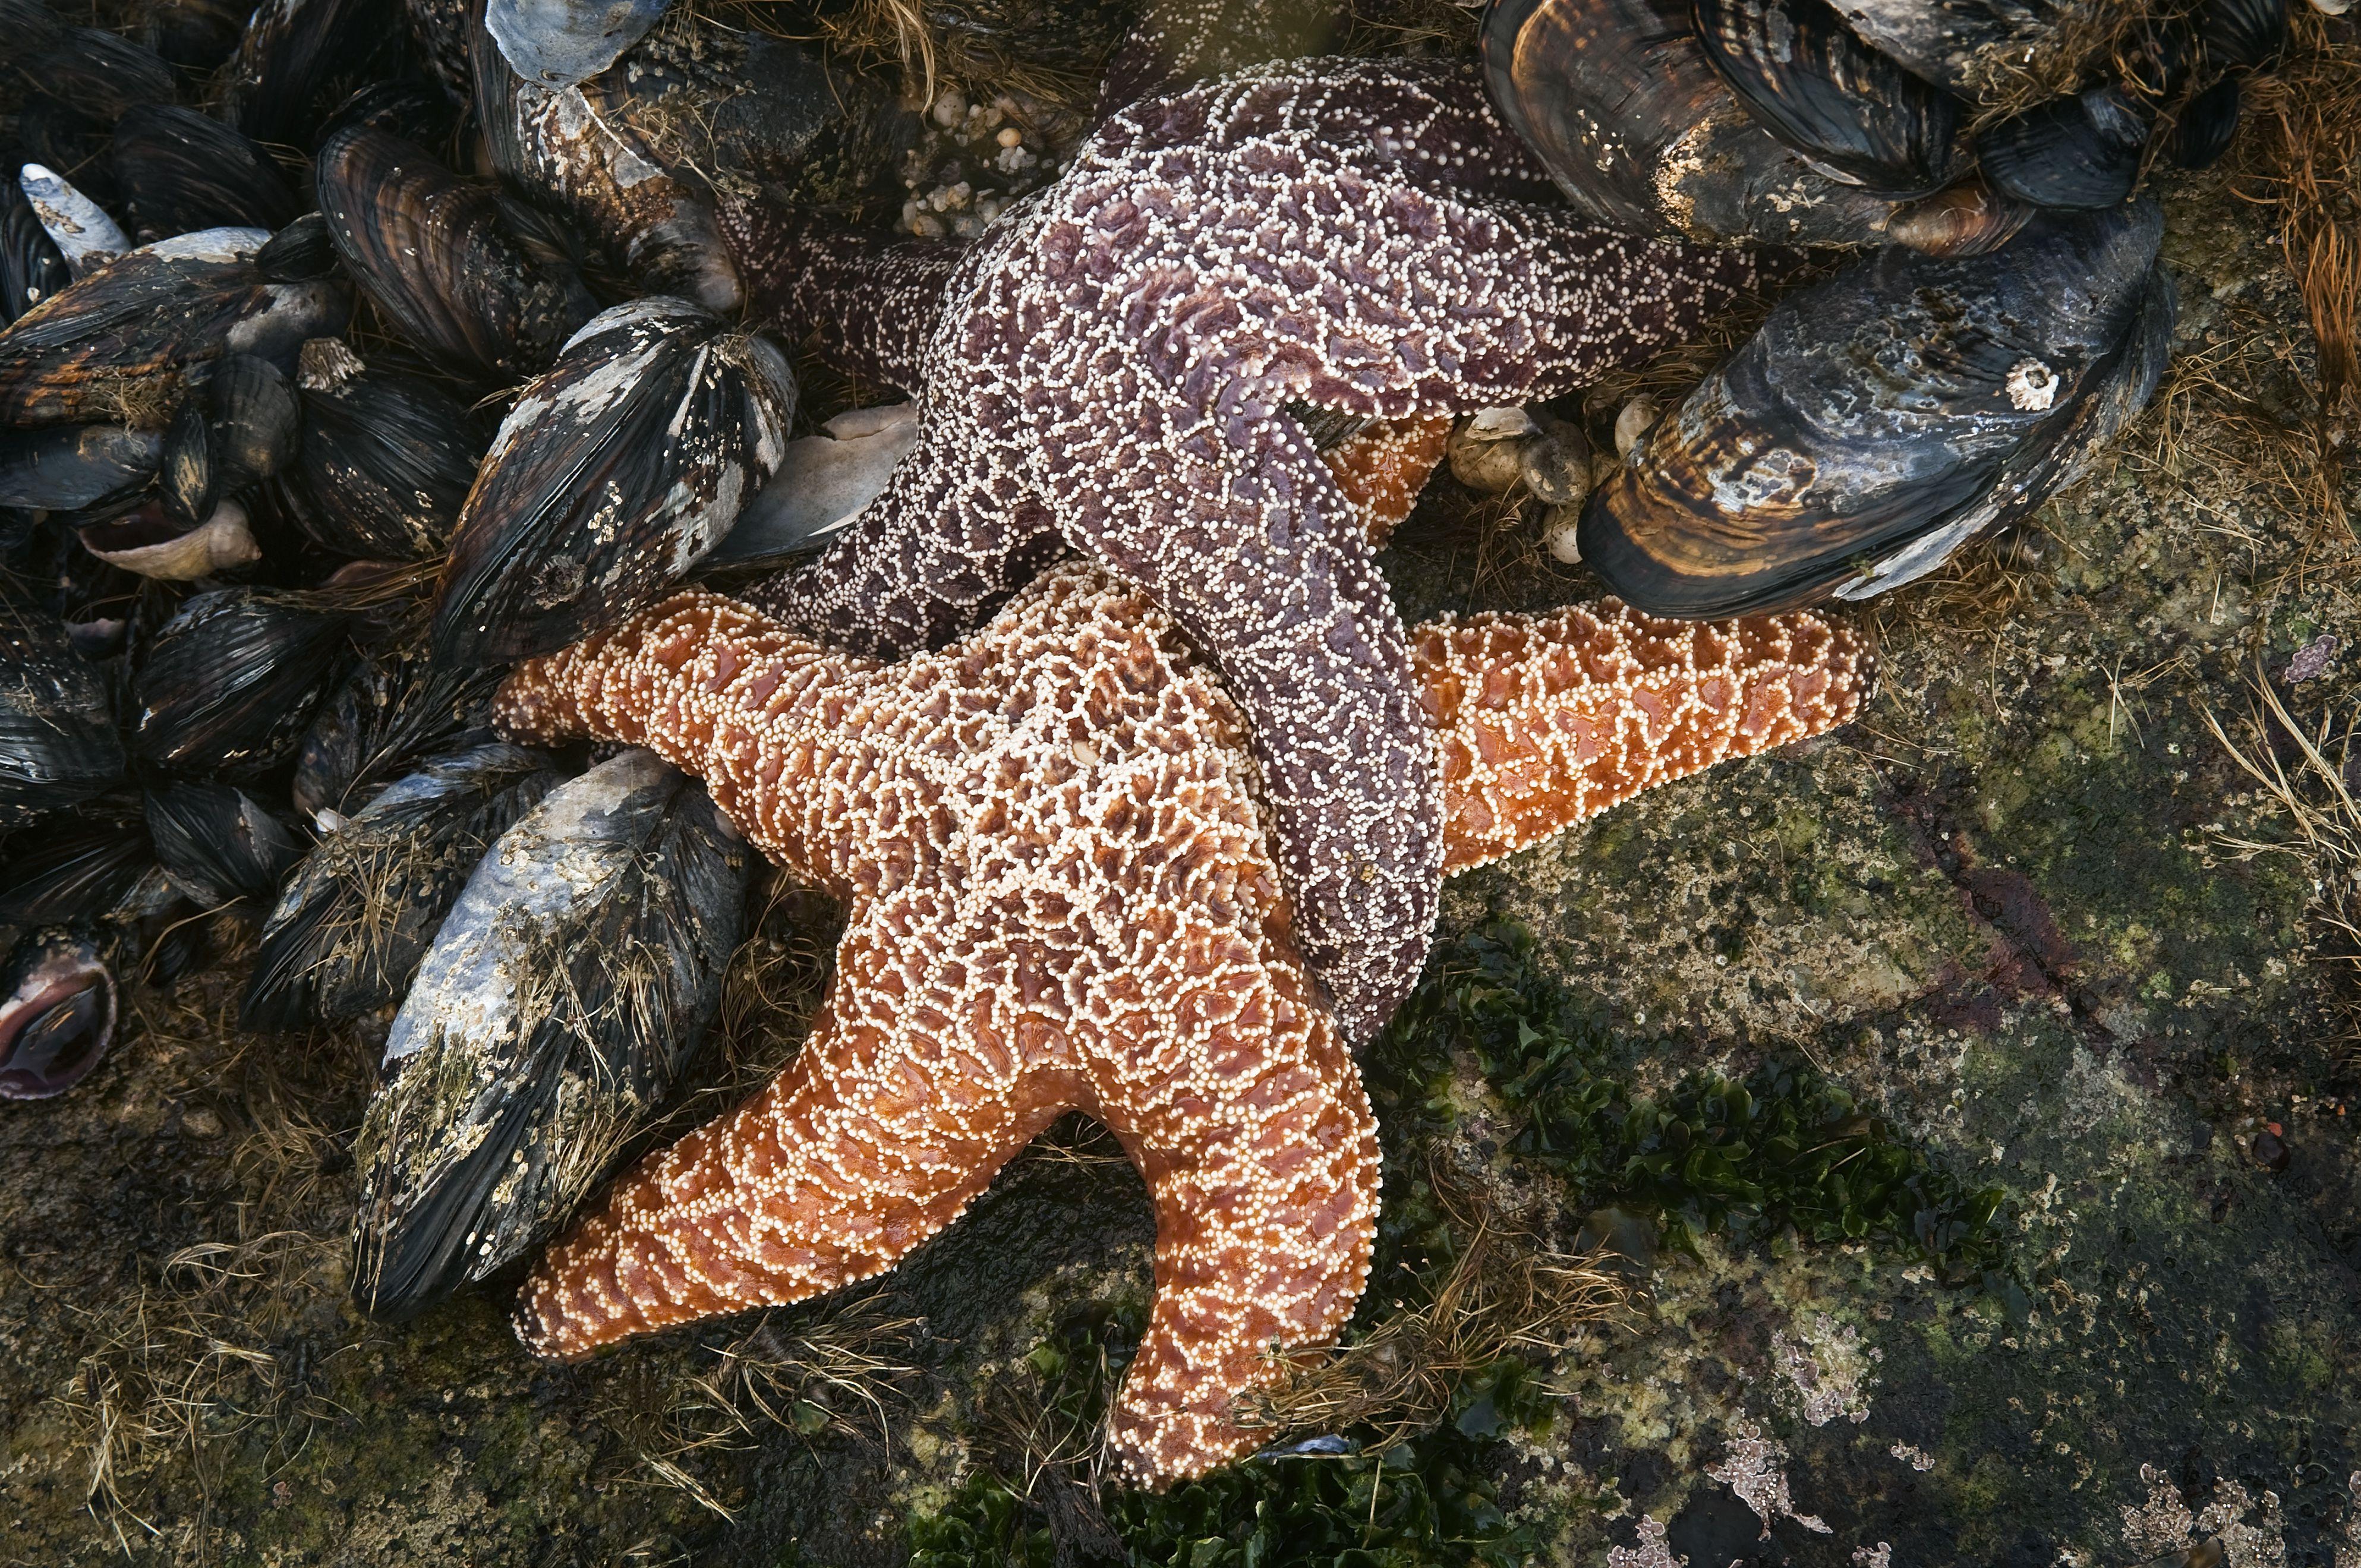 Mating starfish amongst mussels.